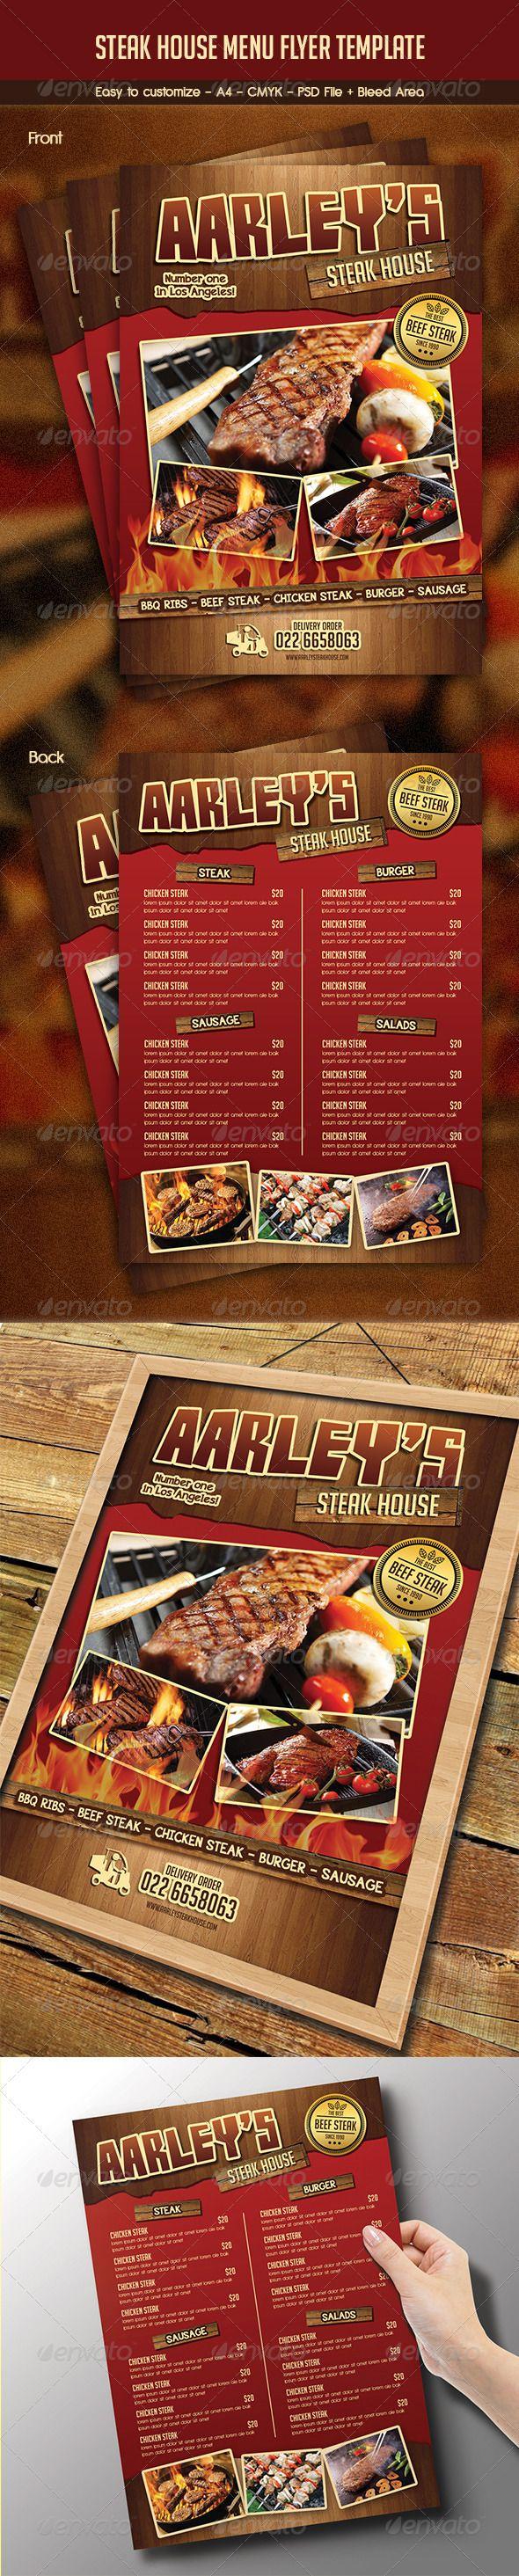 Steak House Menu Flyer | Speisekarte, Flyer und Designs